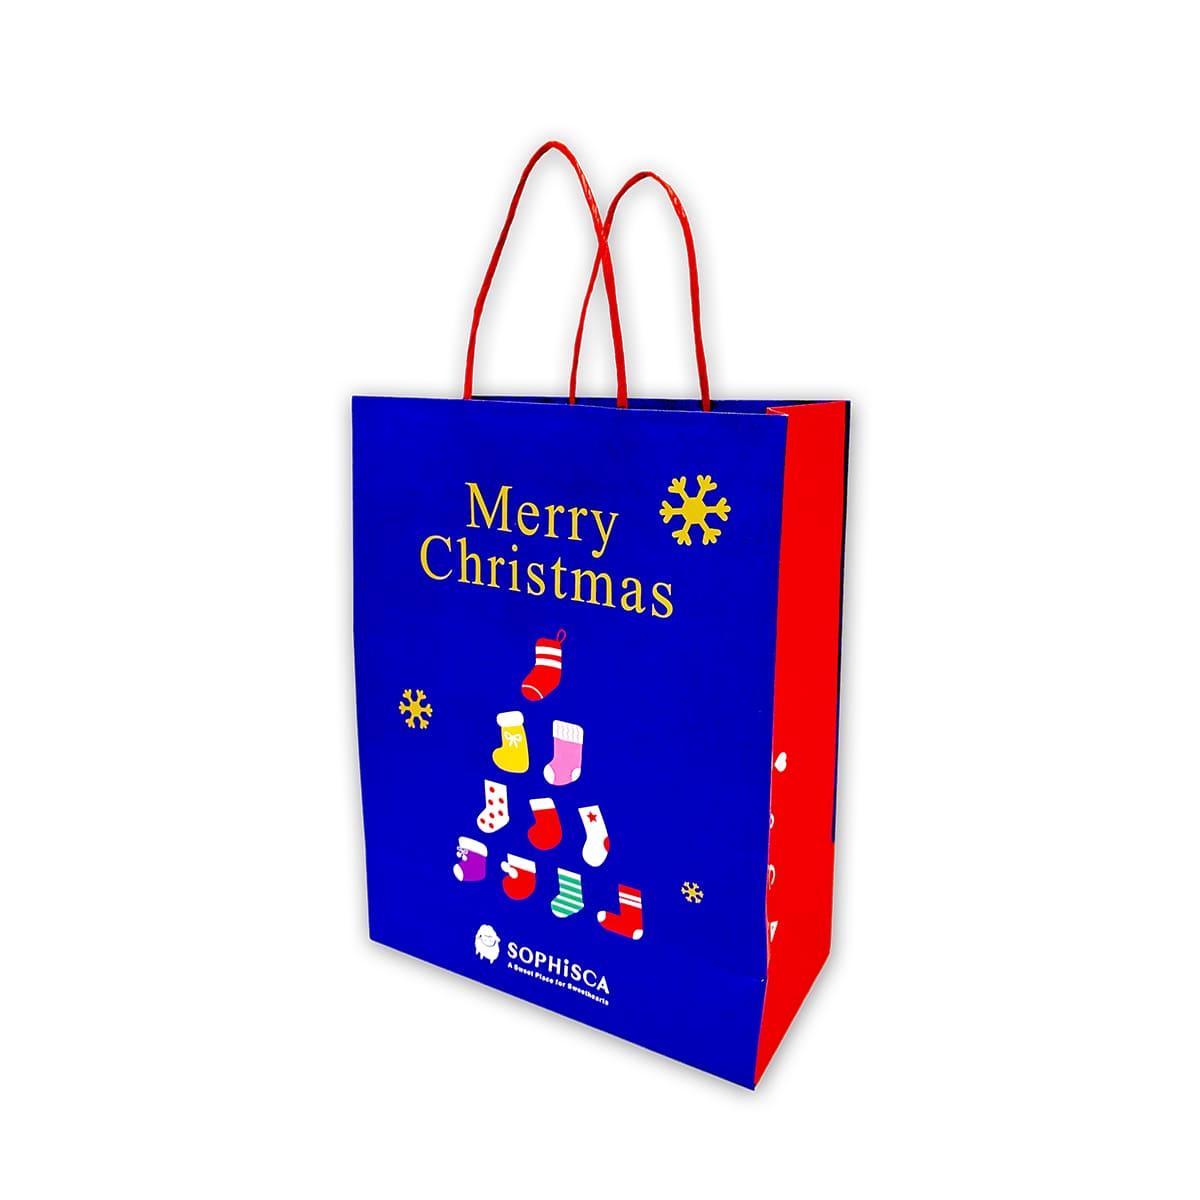 客製化季節版紙袋